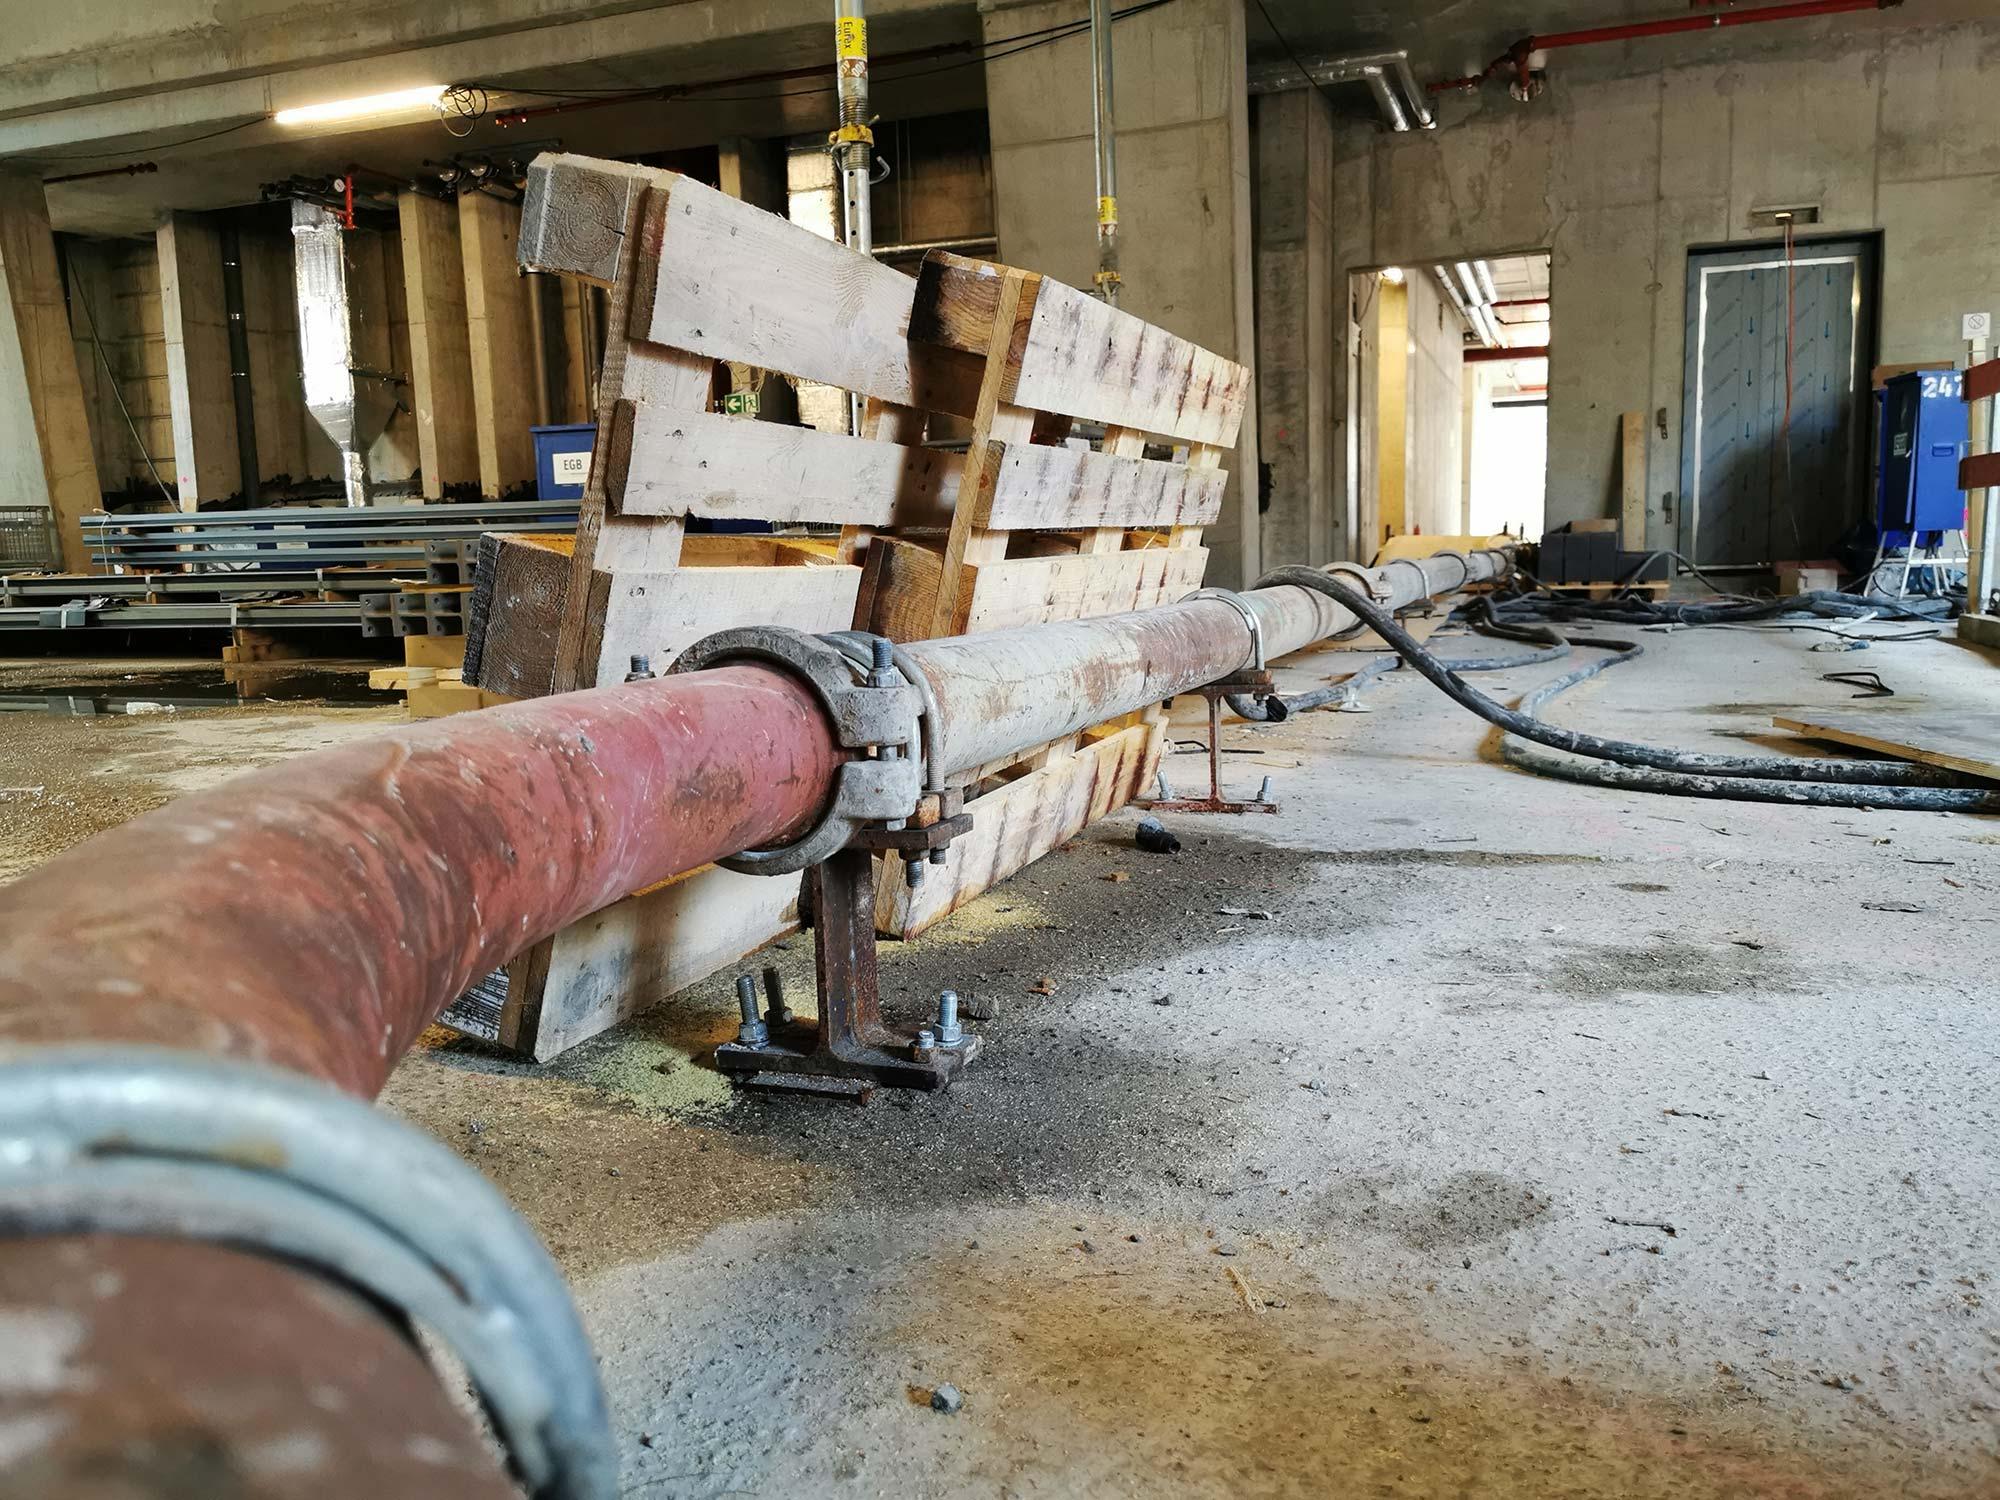 Beton Pumpsystem - Beton Rohr - Beton Pipeline in der Lobby - von hier aus wird der Beton auf das Dach gepumpt